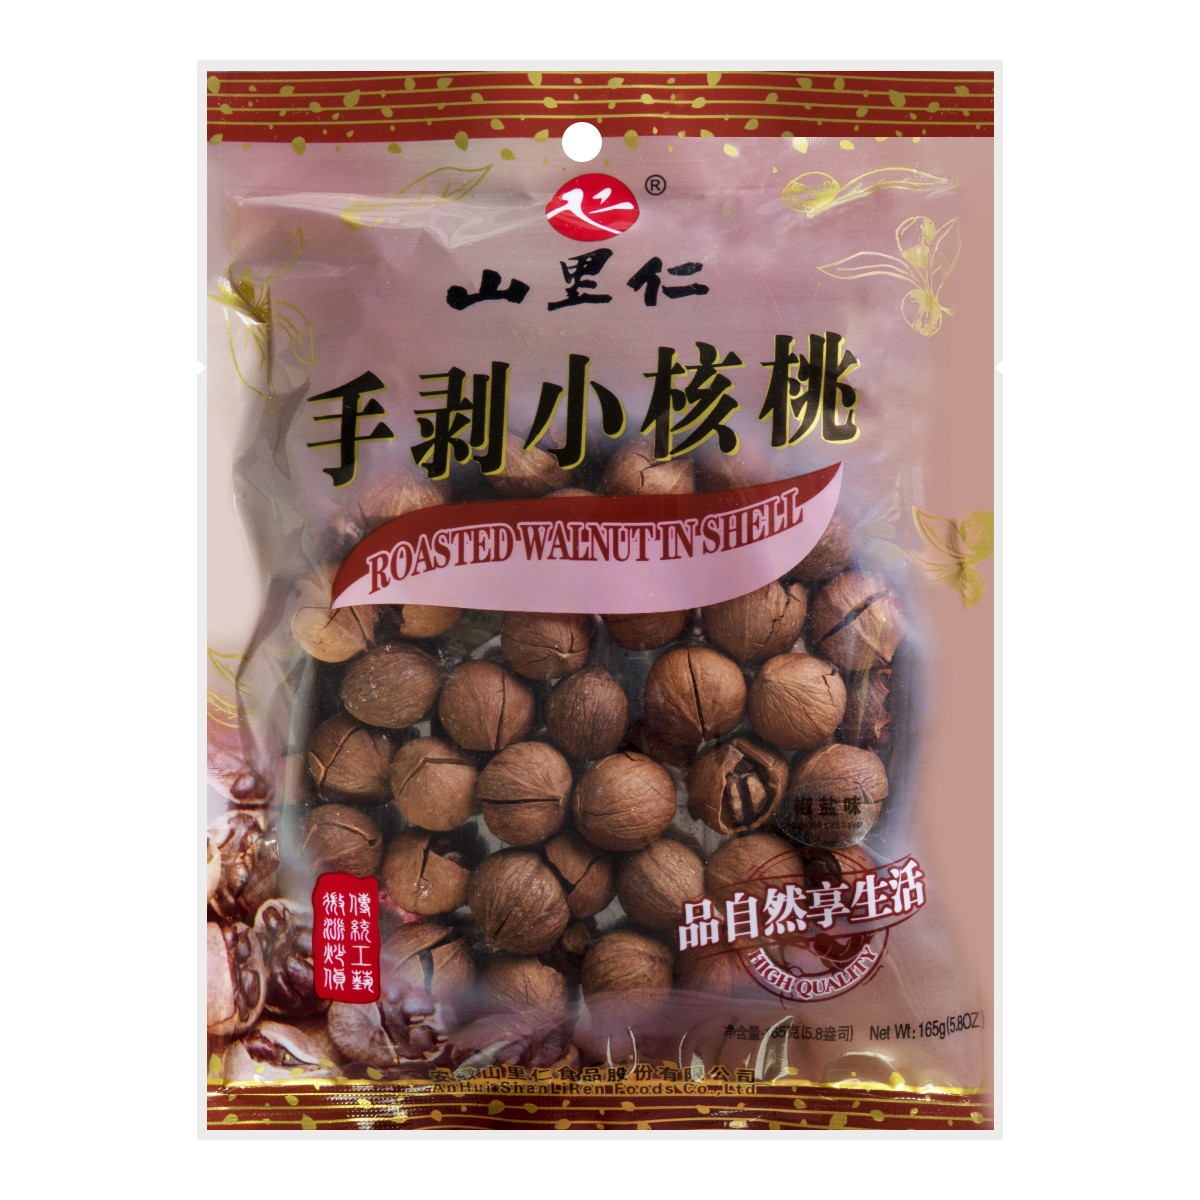 SHANLIREN Roasted Walnut Shell Salt and pepper flavored 165g